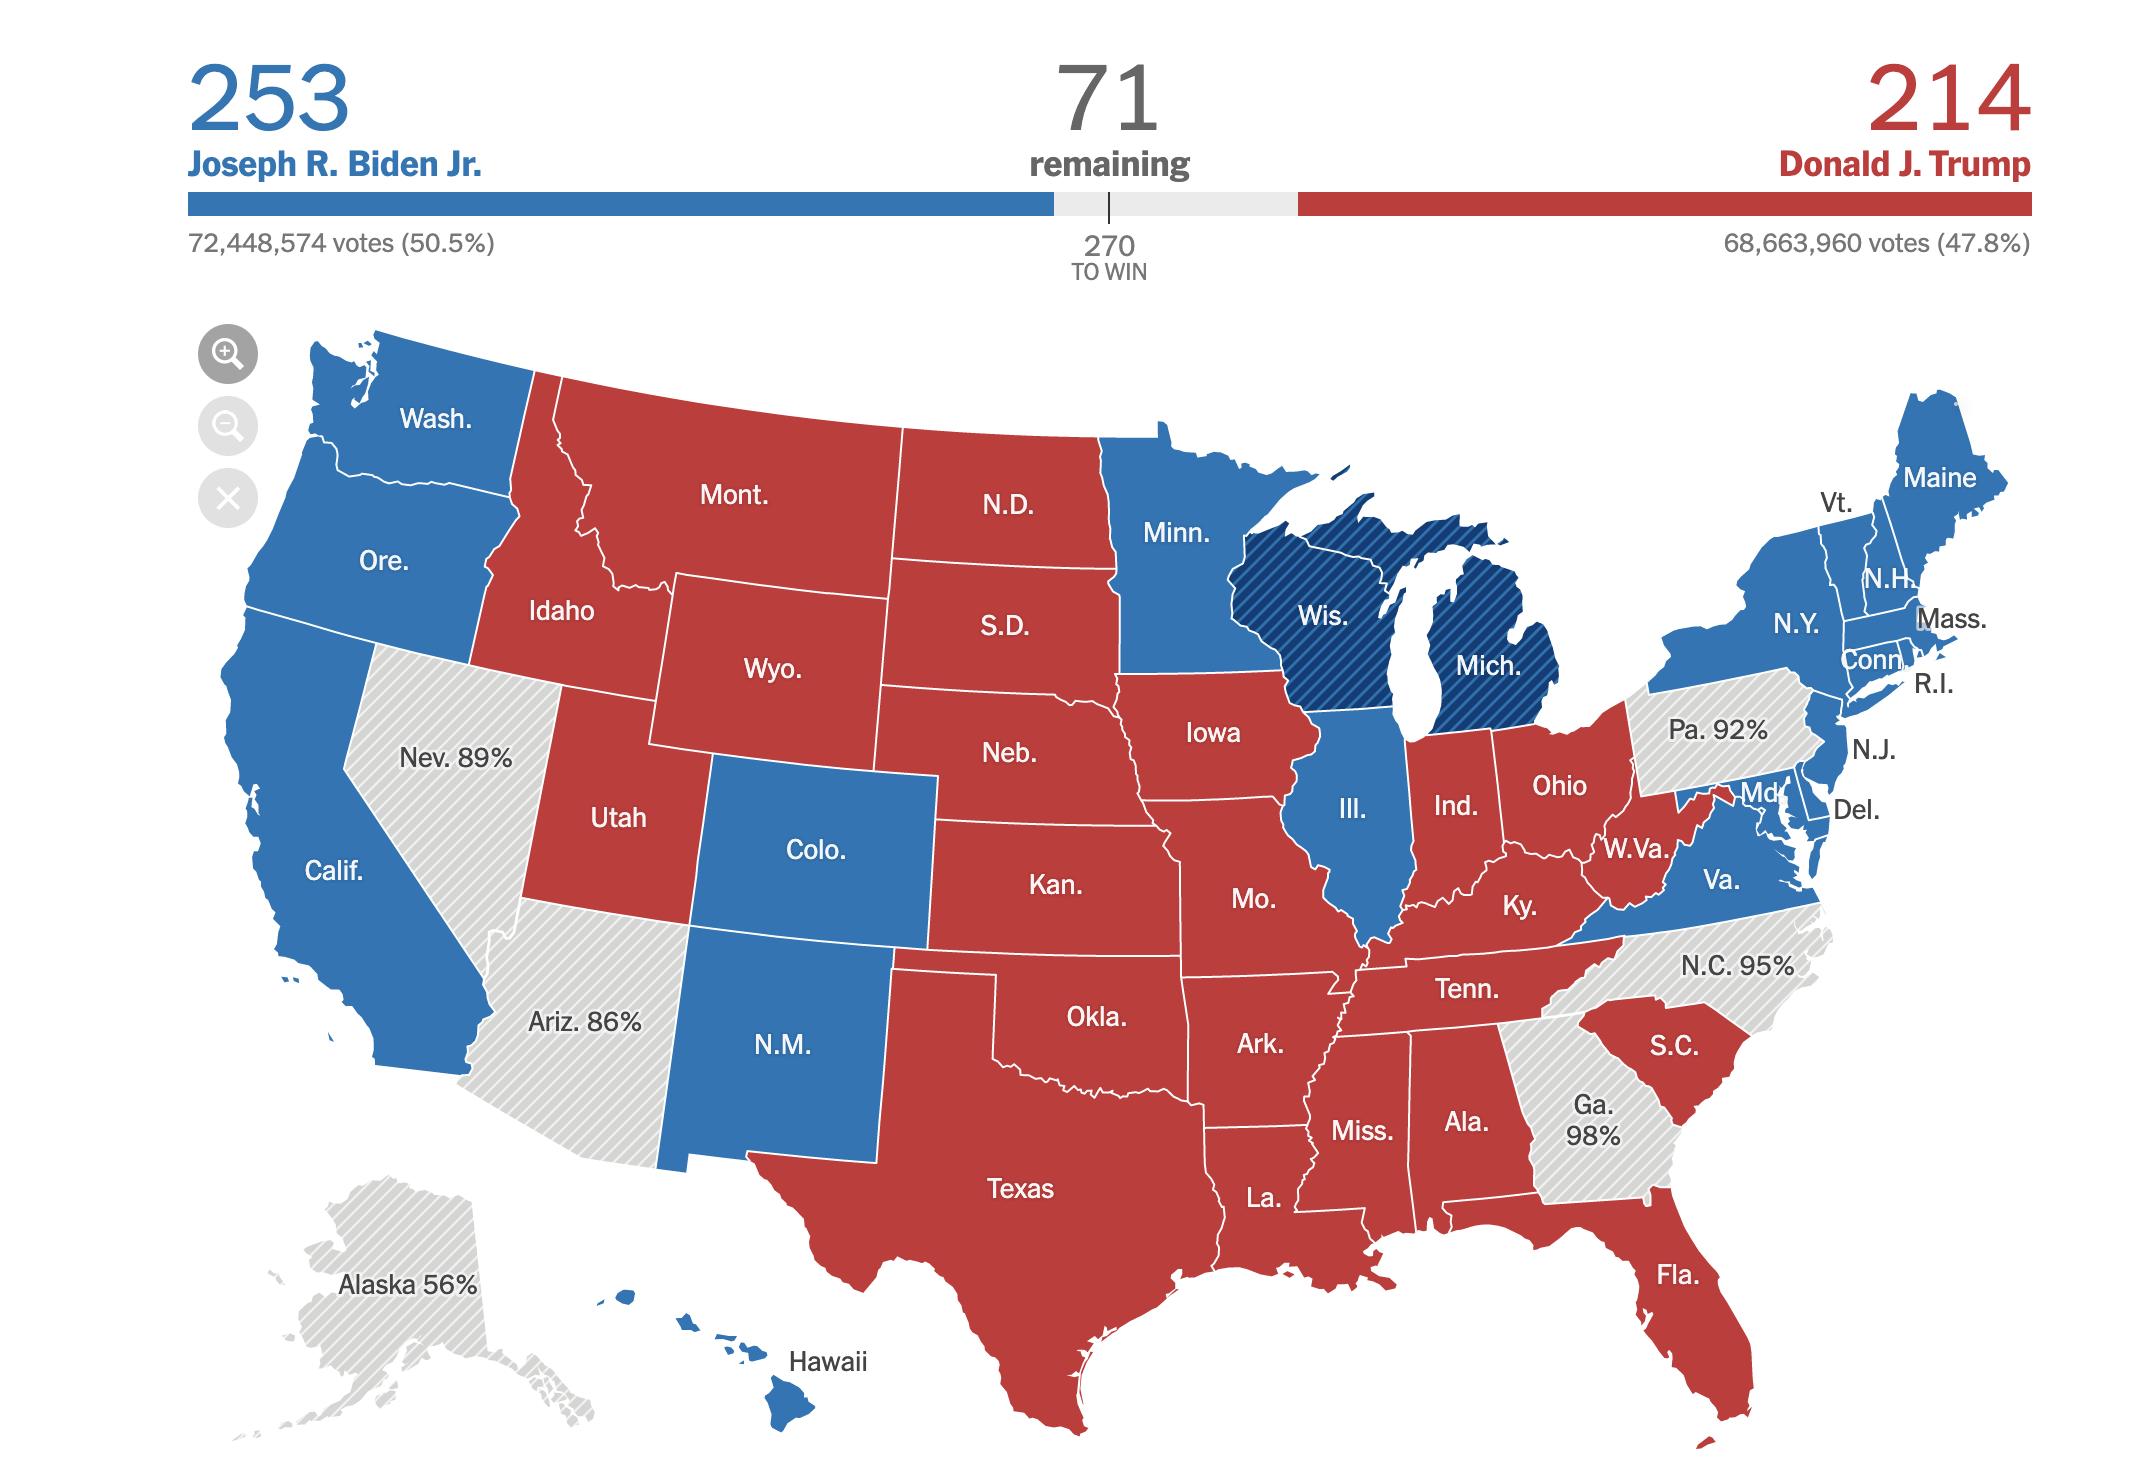 Результаты выборов в США: по прогнозам, у Байдена пока больше голосов выборщиков, чем у Трампа